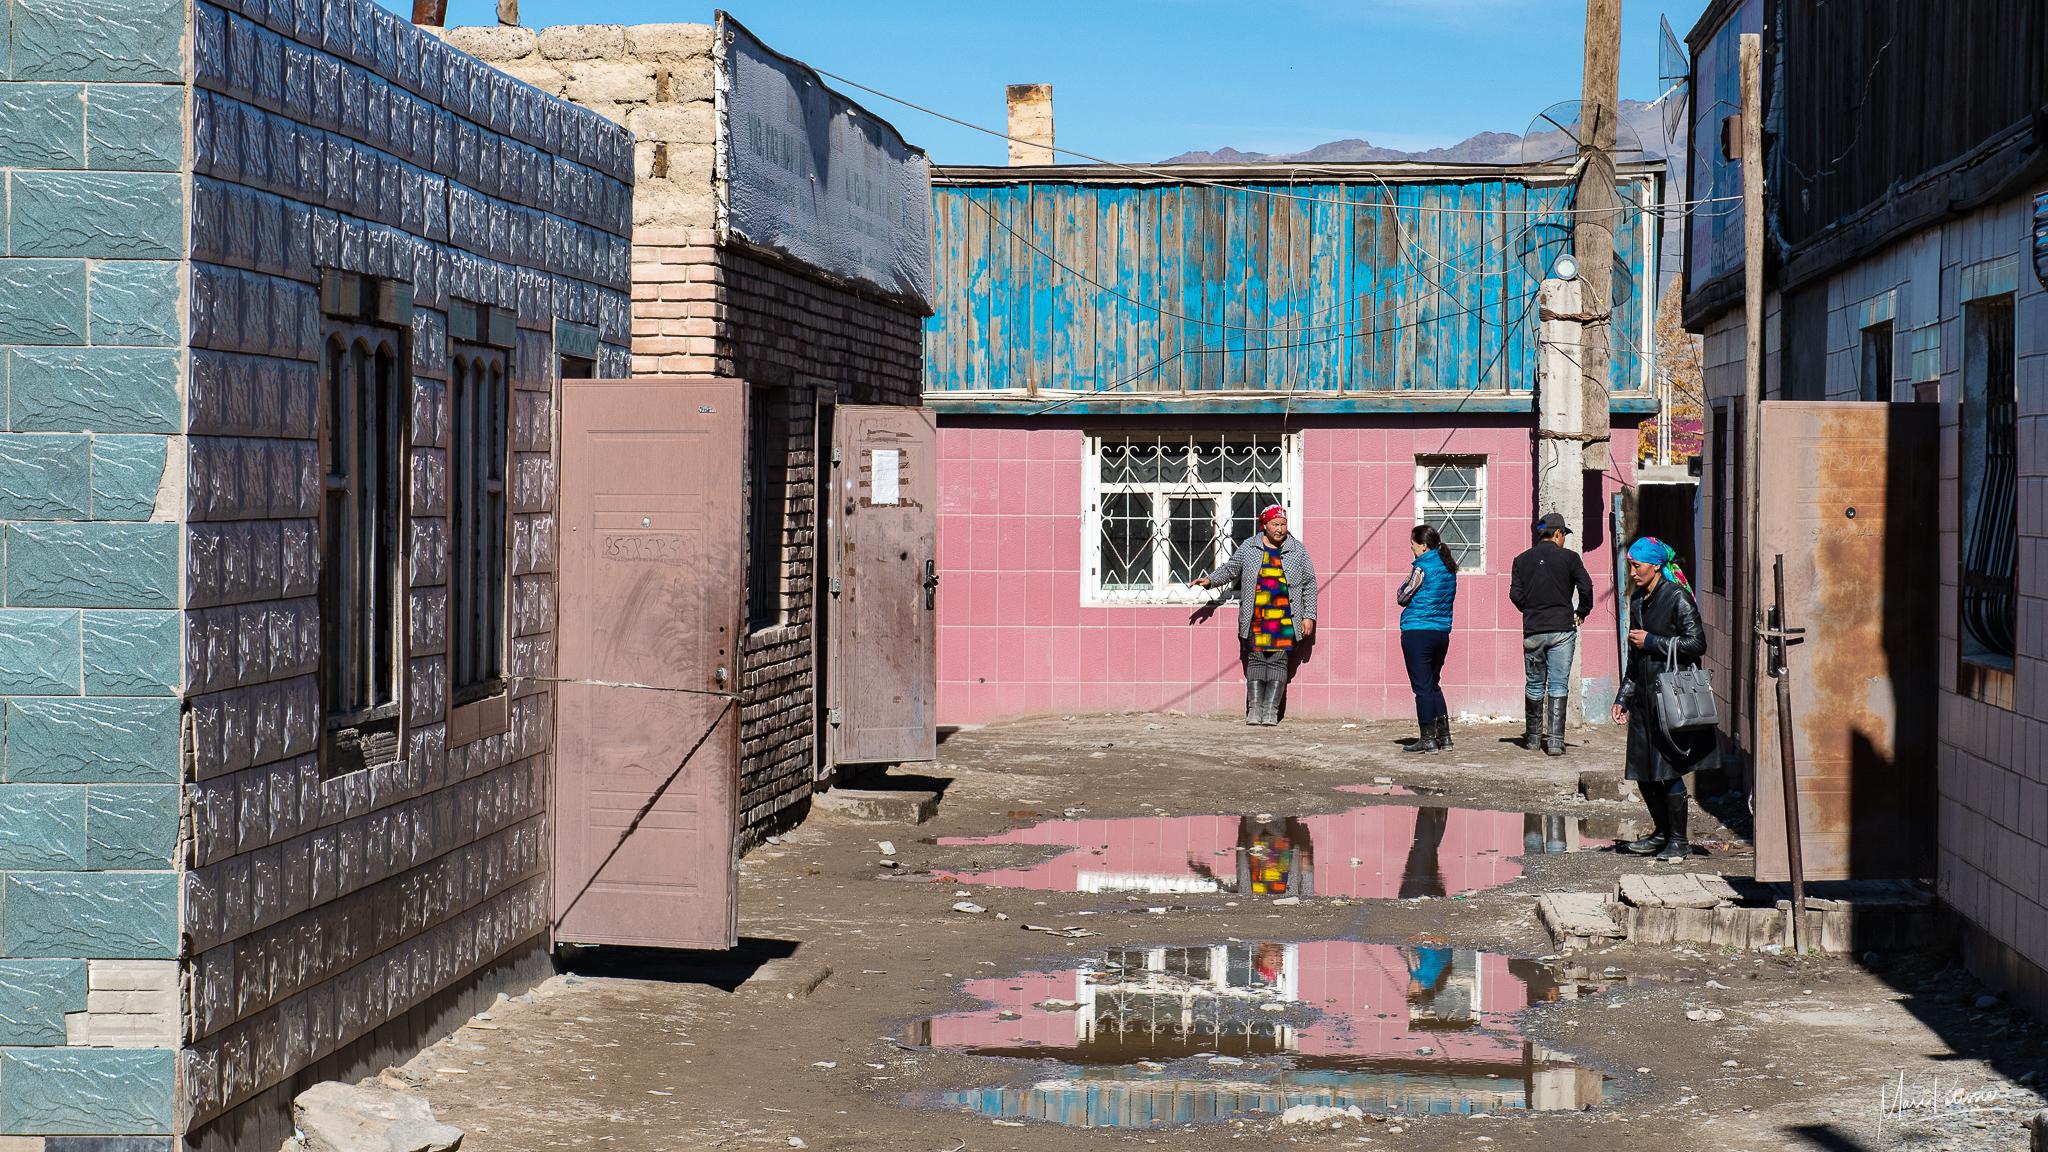 Street near the Olgy city market, Mongolia